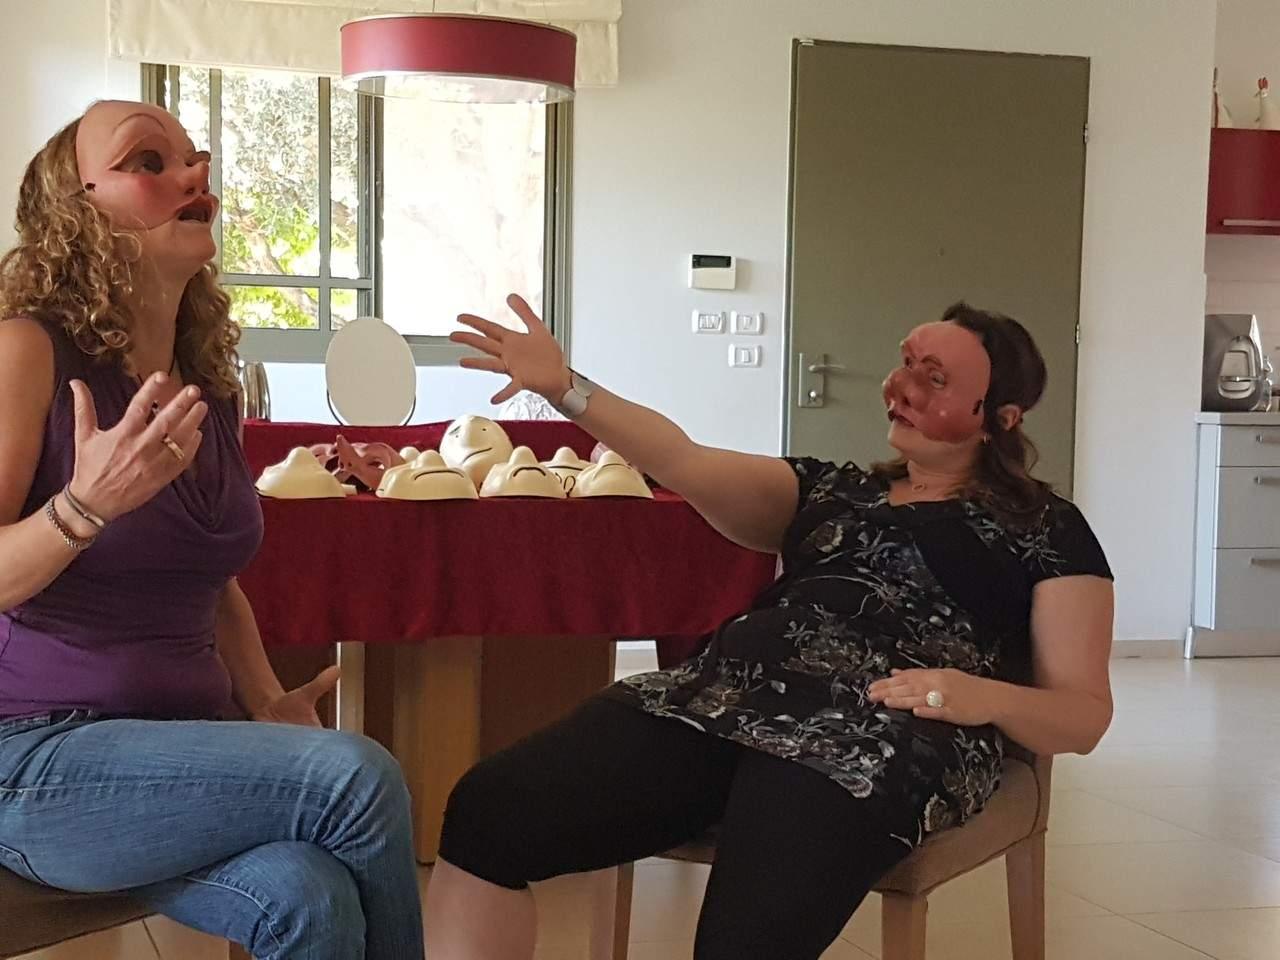 שתי נשים באמצע משחק תפקידים, חובשות מסכות קומדיה דל'ארטה - מהאתר של דליה סגל, מנחת קבוצות